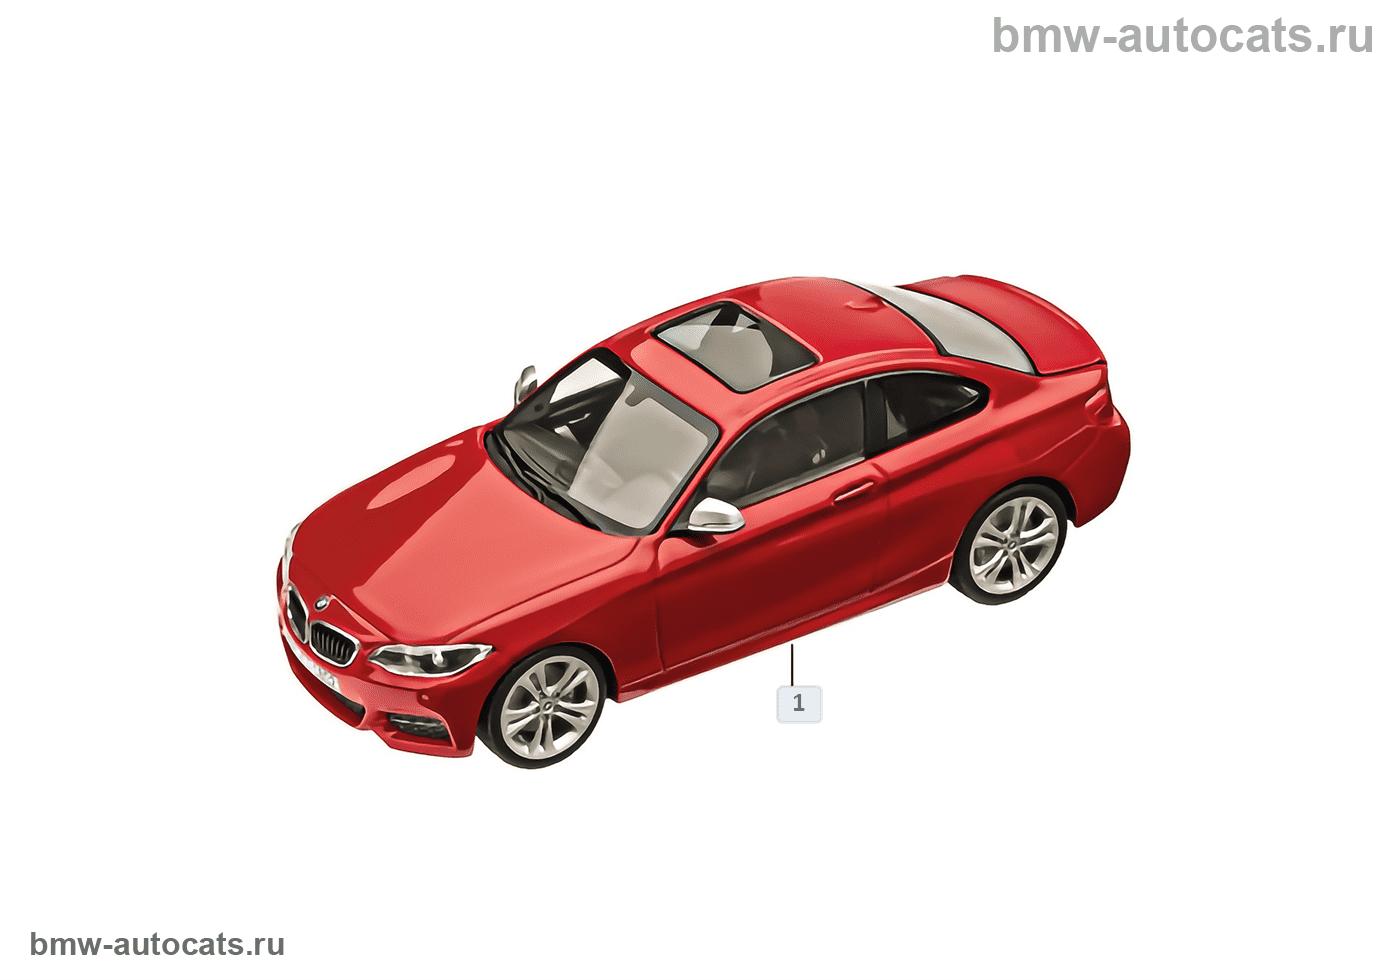 Миниат.модели BMW — BMW 2-й сер.14/16